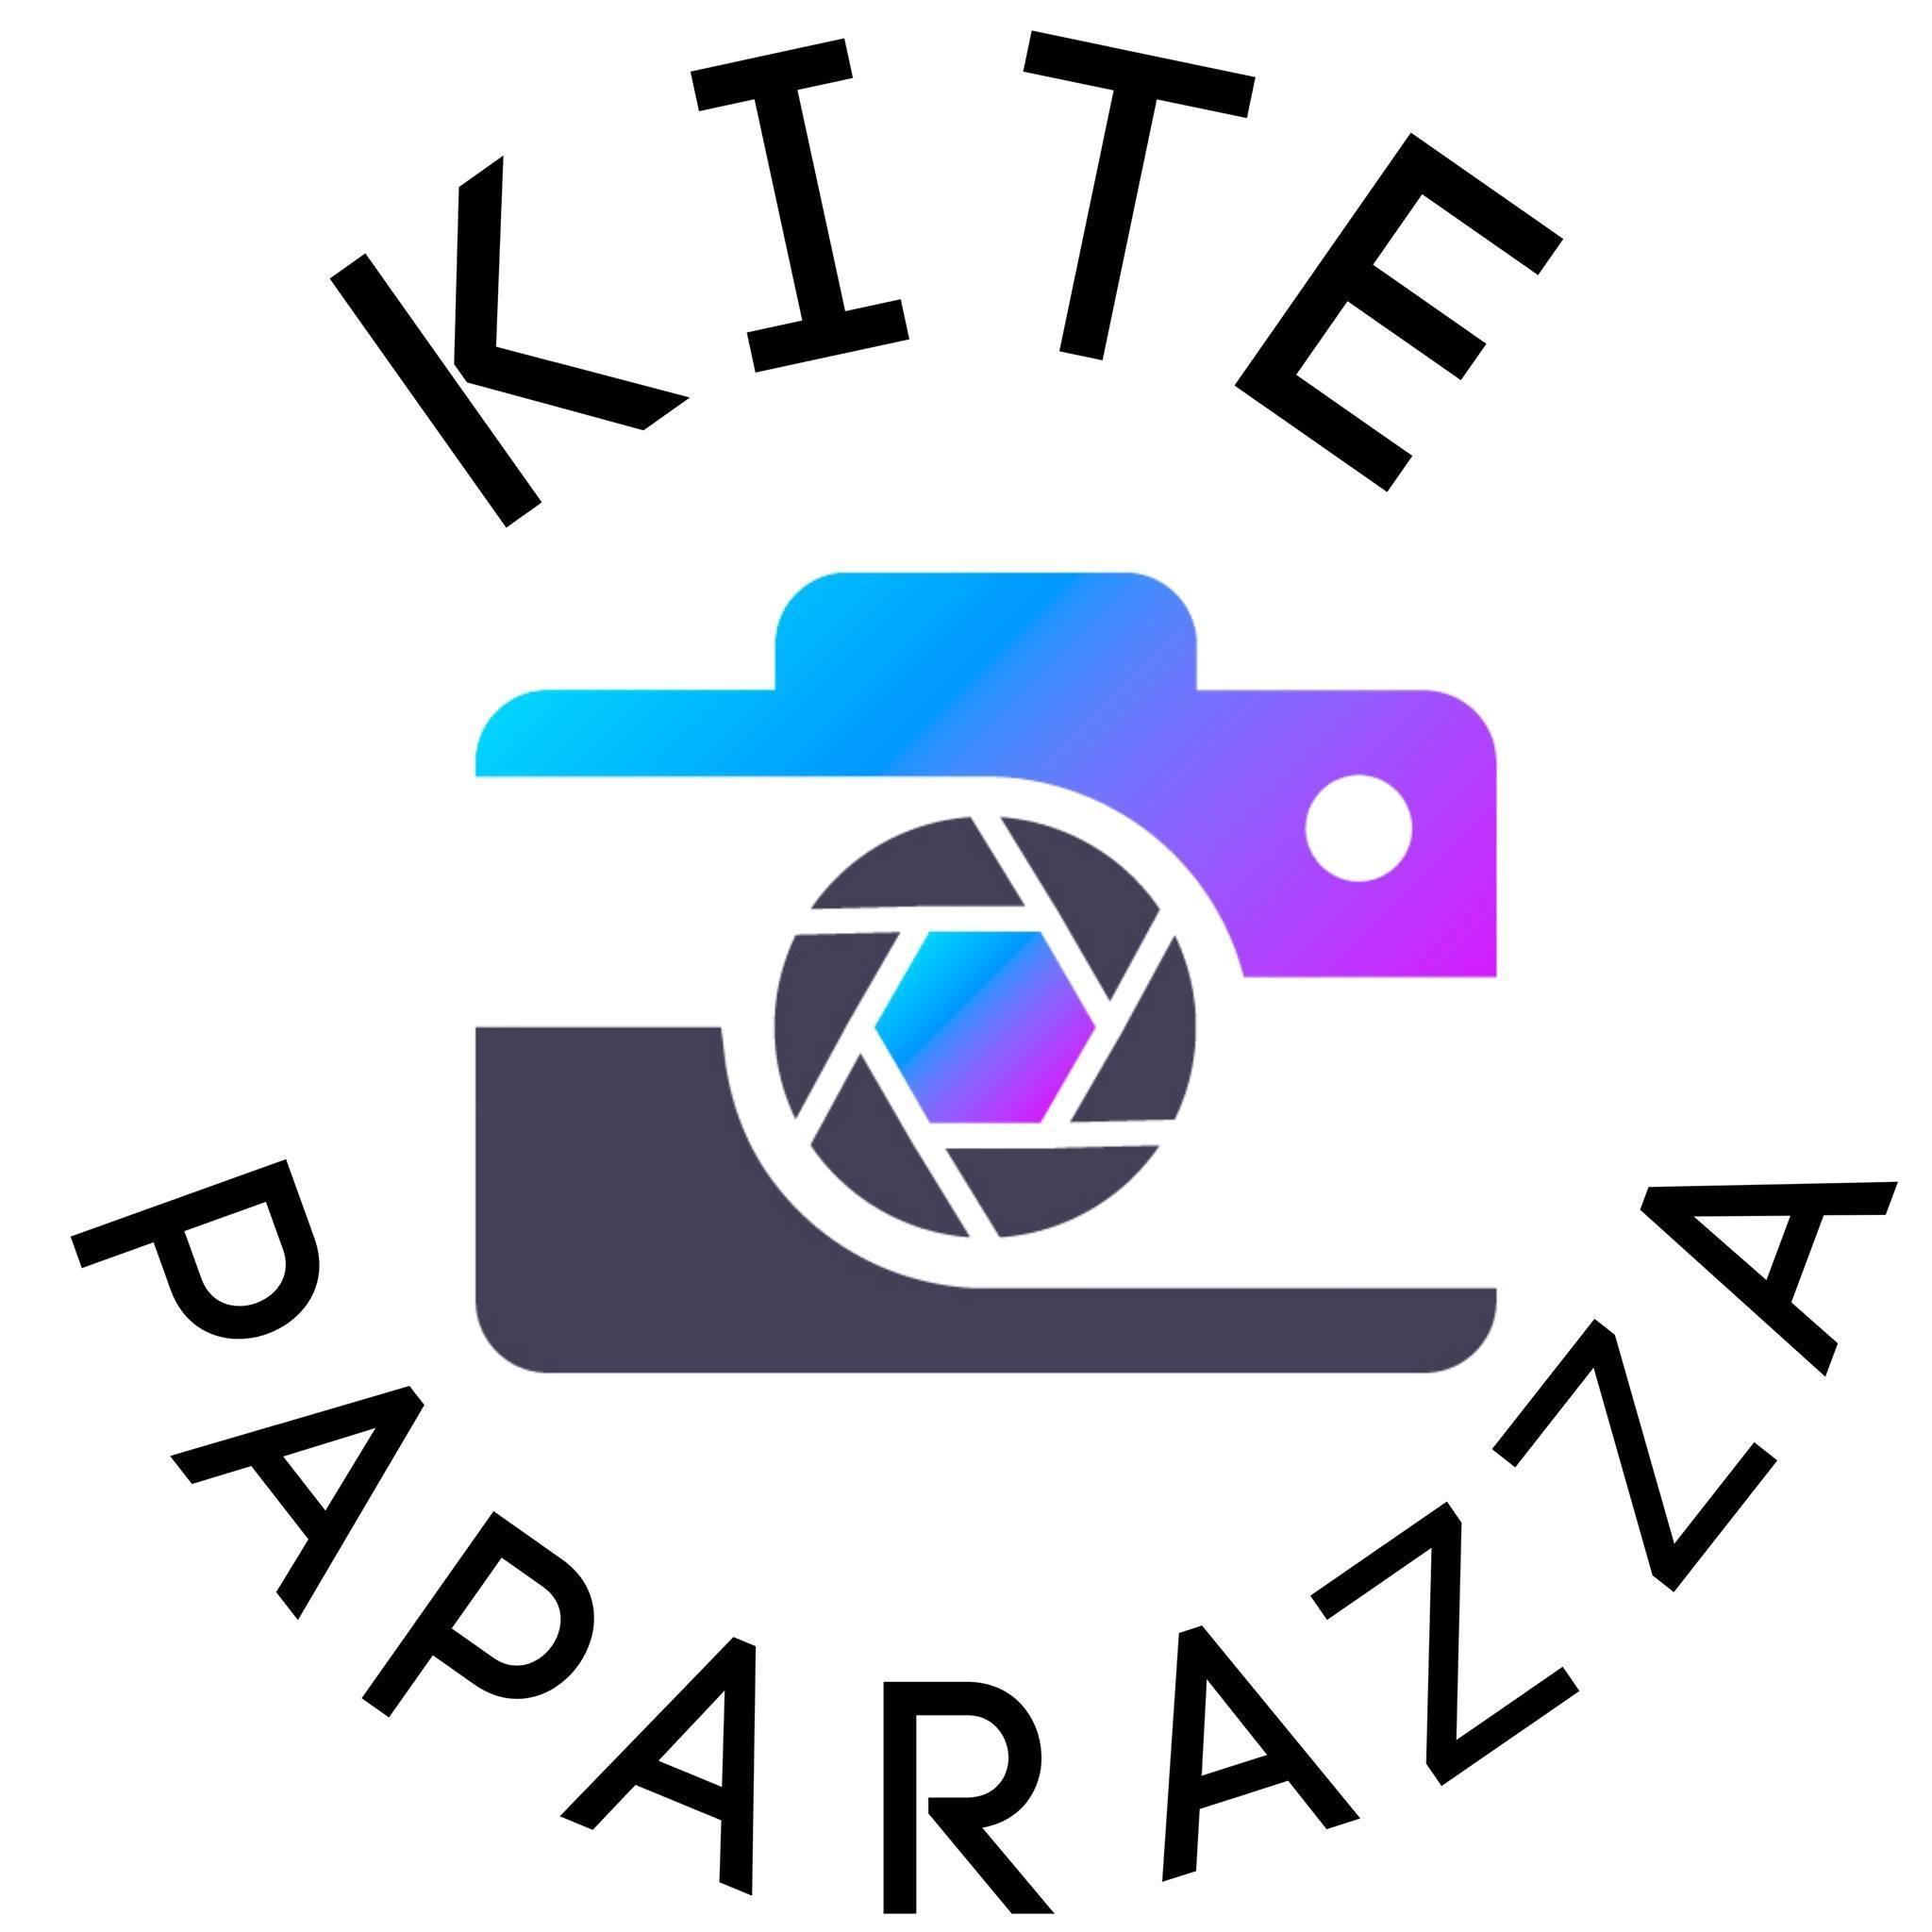 Kite Paparazza